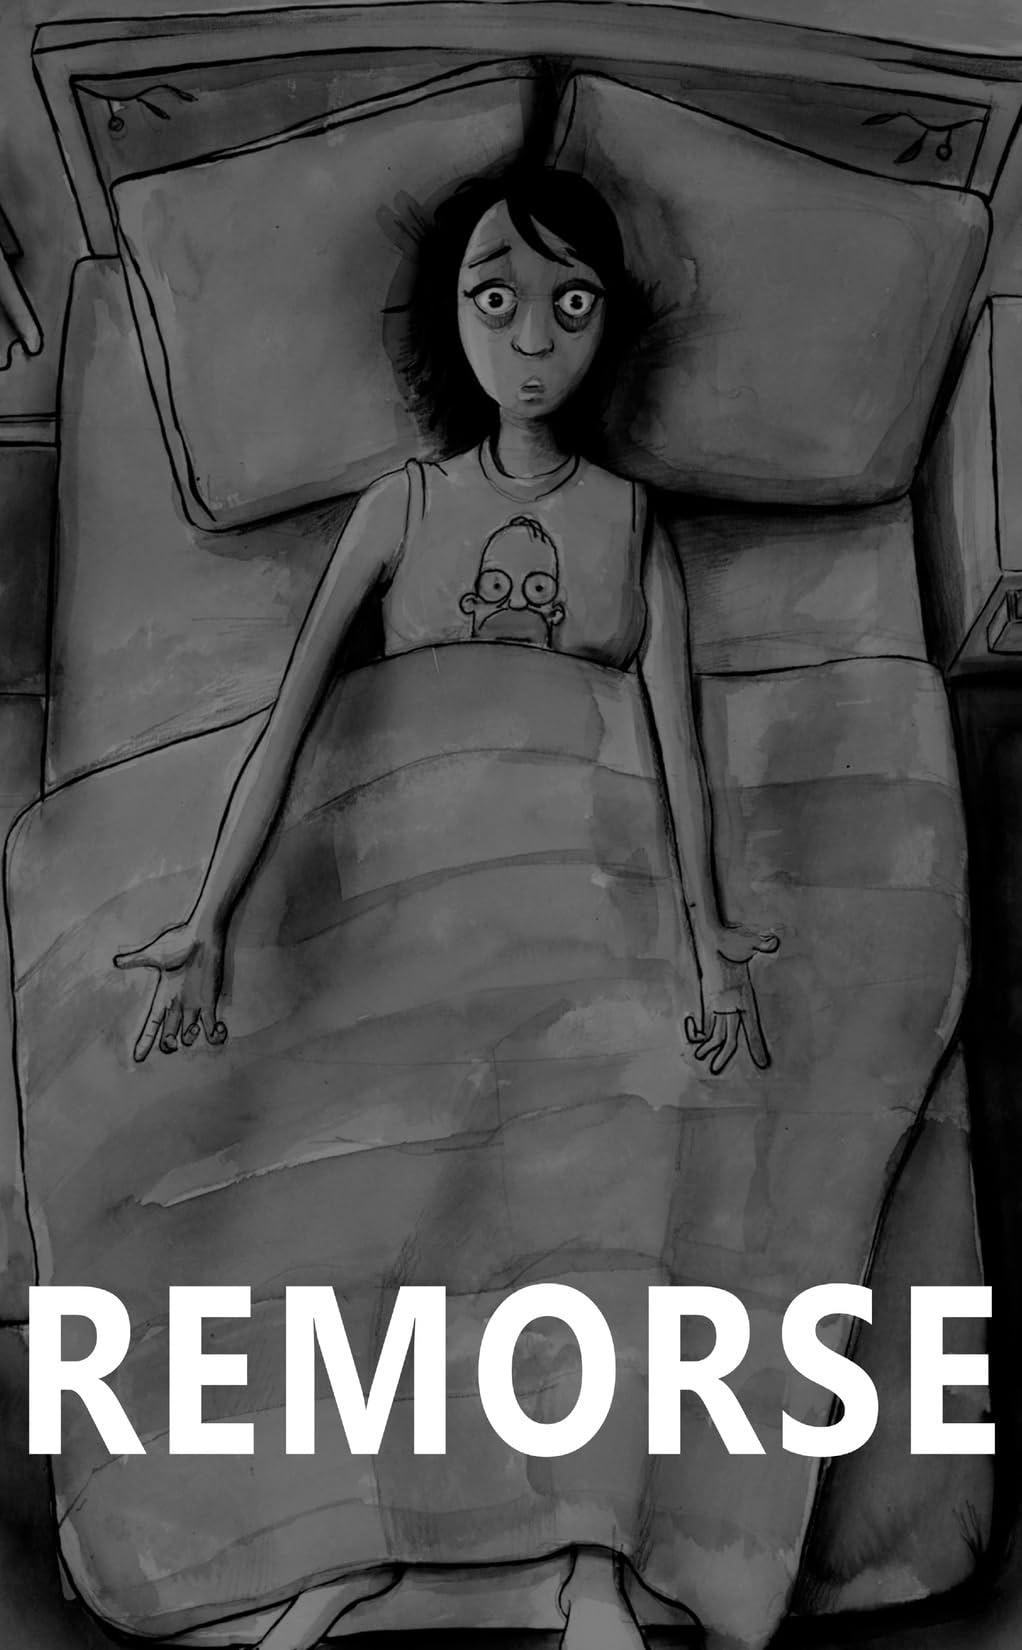 Remorse